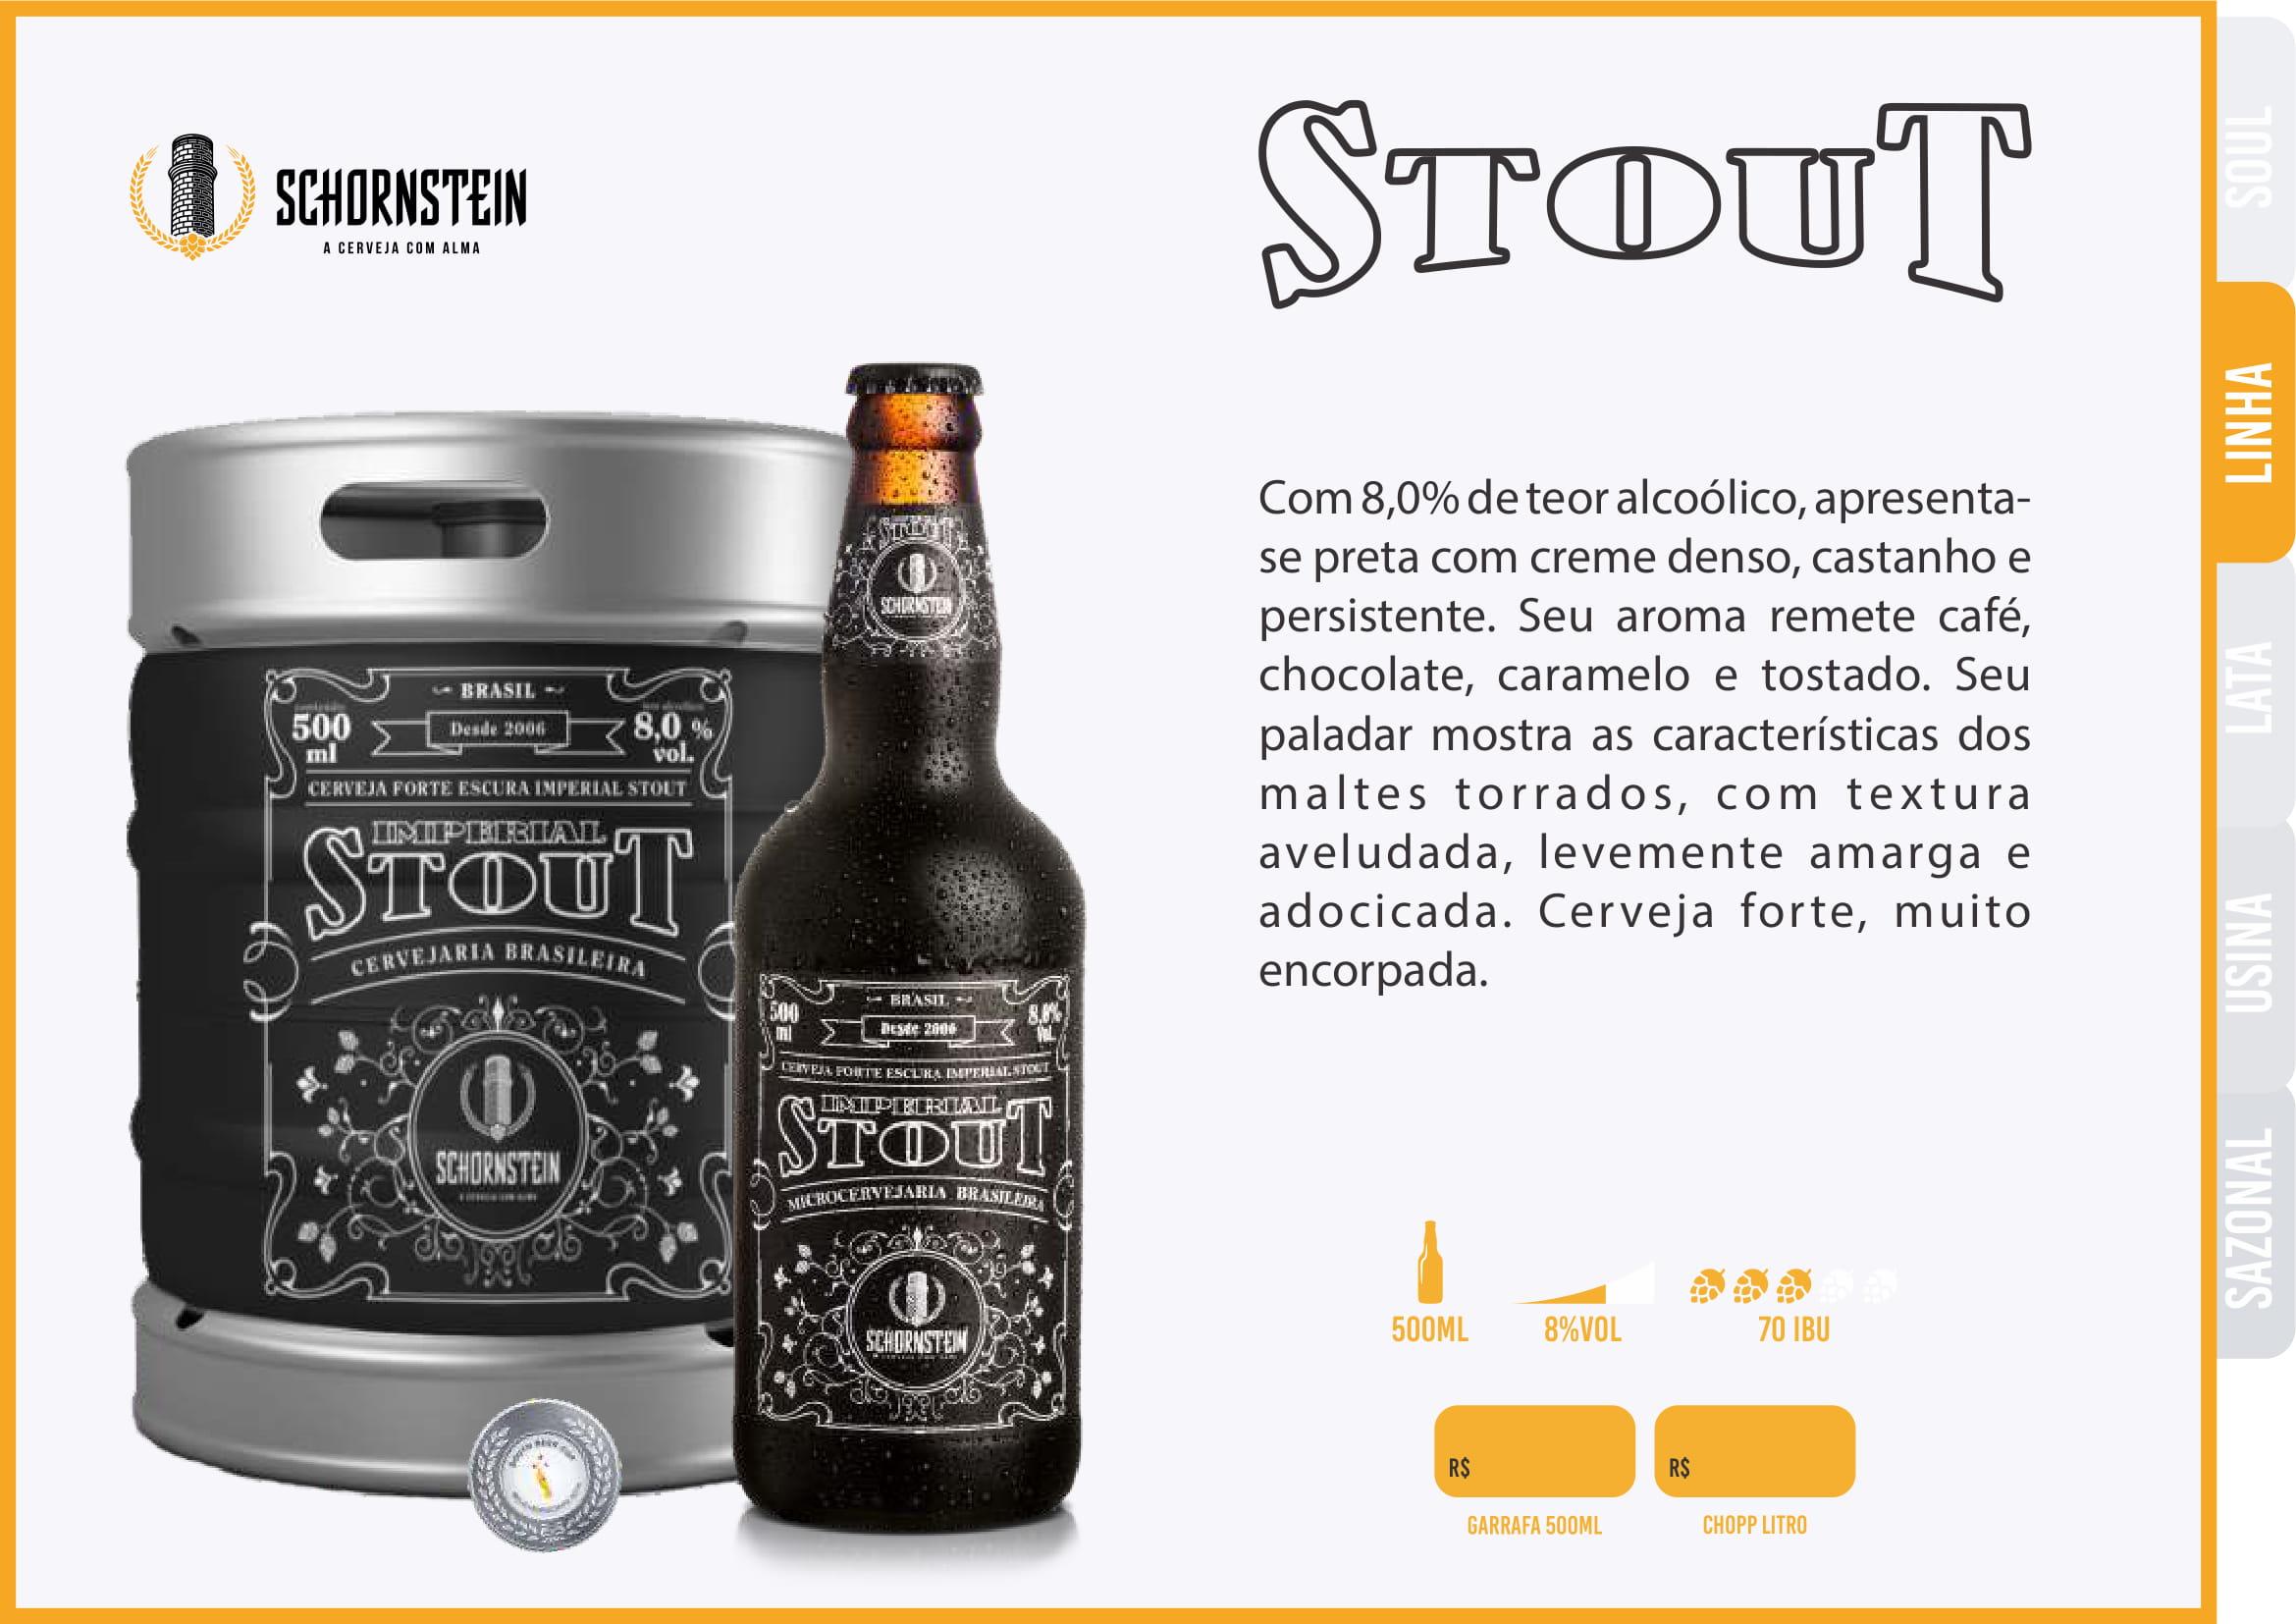 Schornstein Imperial Stout